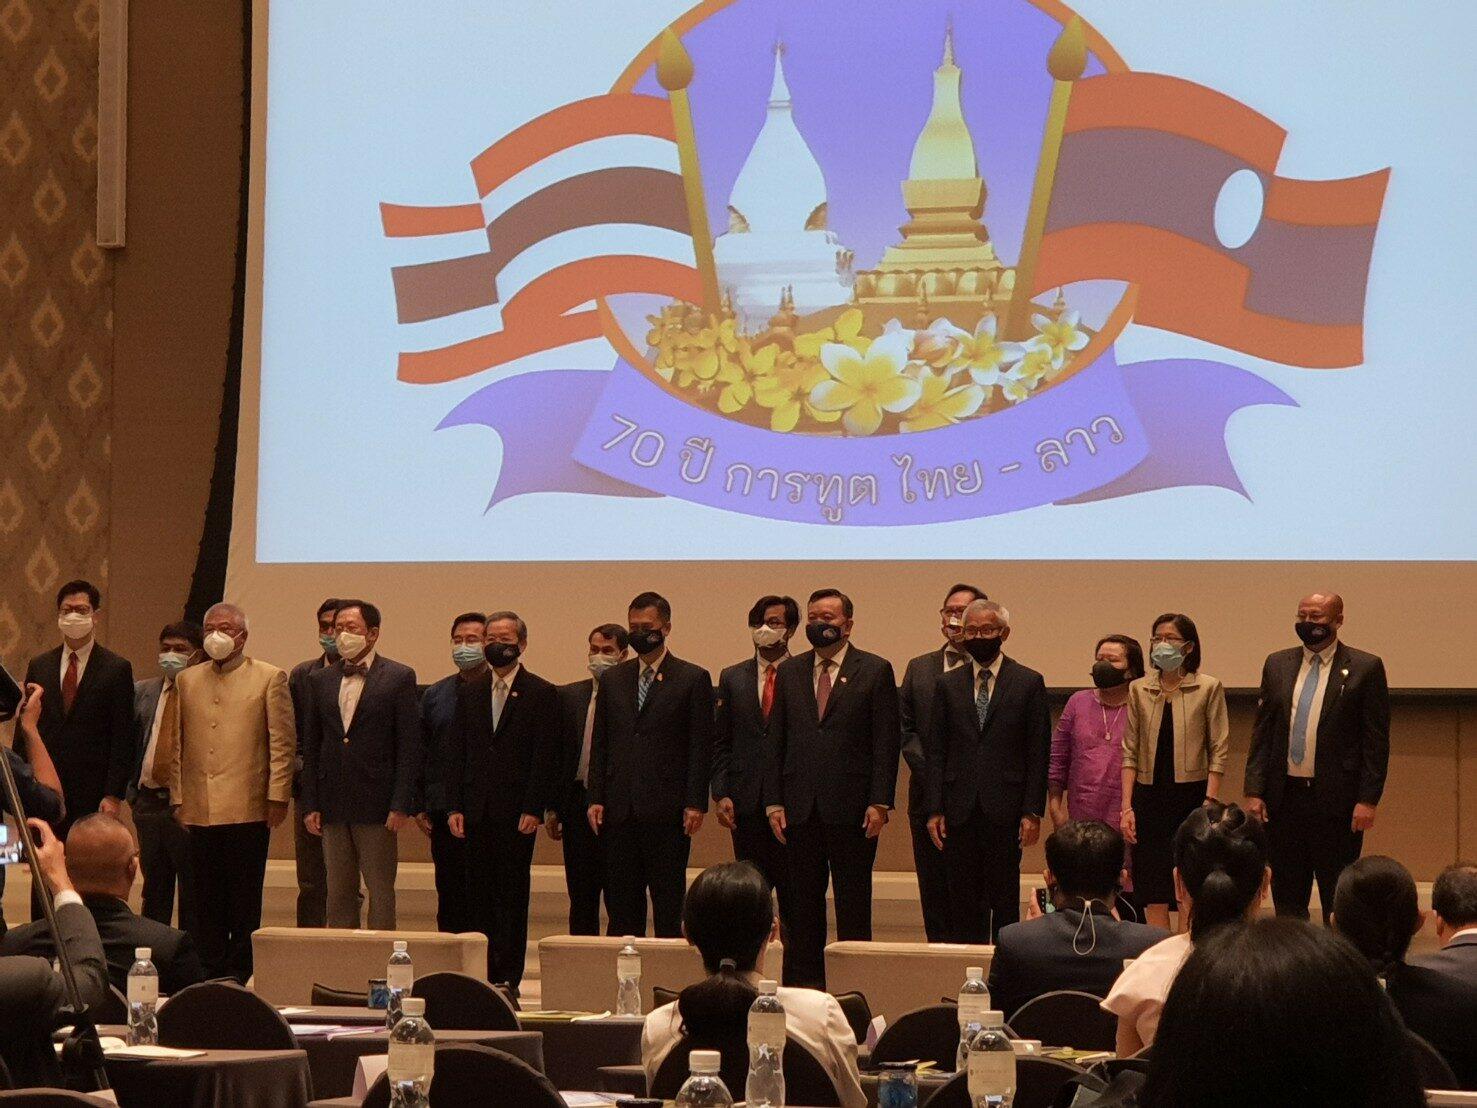 70ปีสัมพันธ์ไทย-ลาวมุ่งจับมือฝ่าโควิด